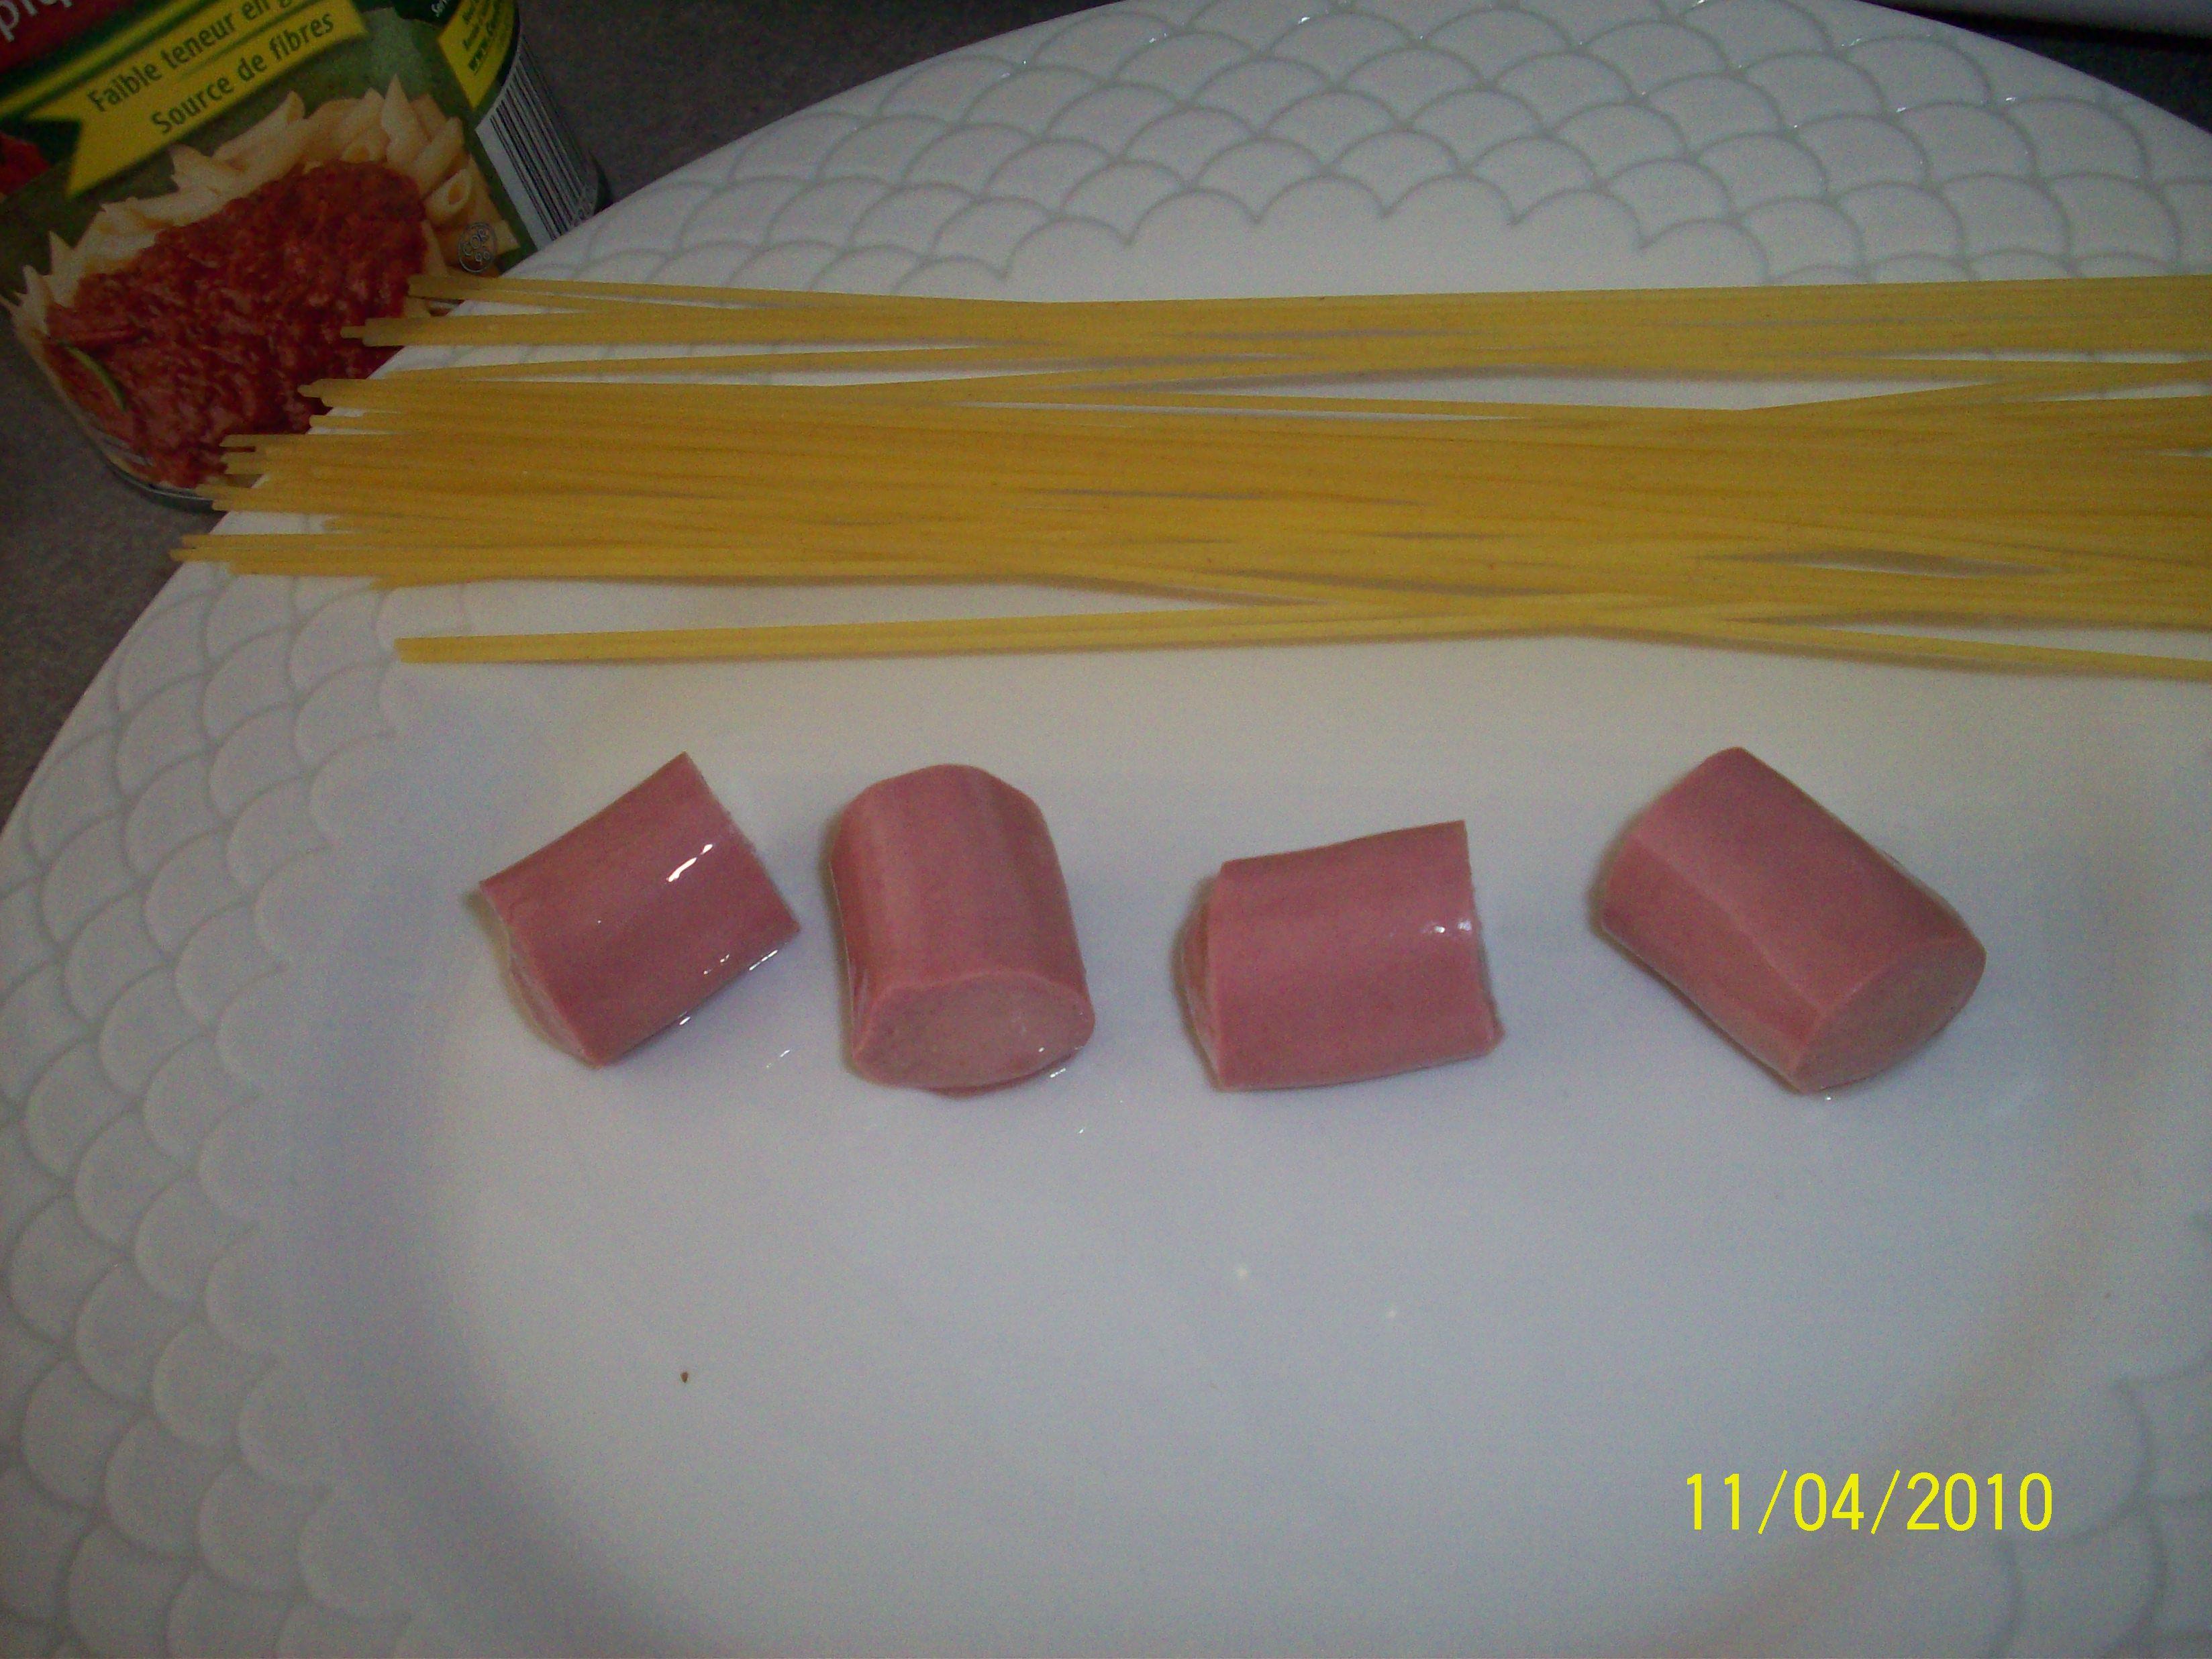 https://foodloader.net/cutie_2010-04-12_Spaghettini_dogs_for_Holz1.jpg